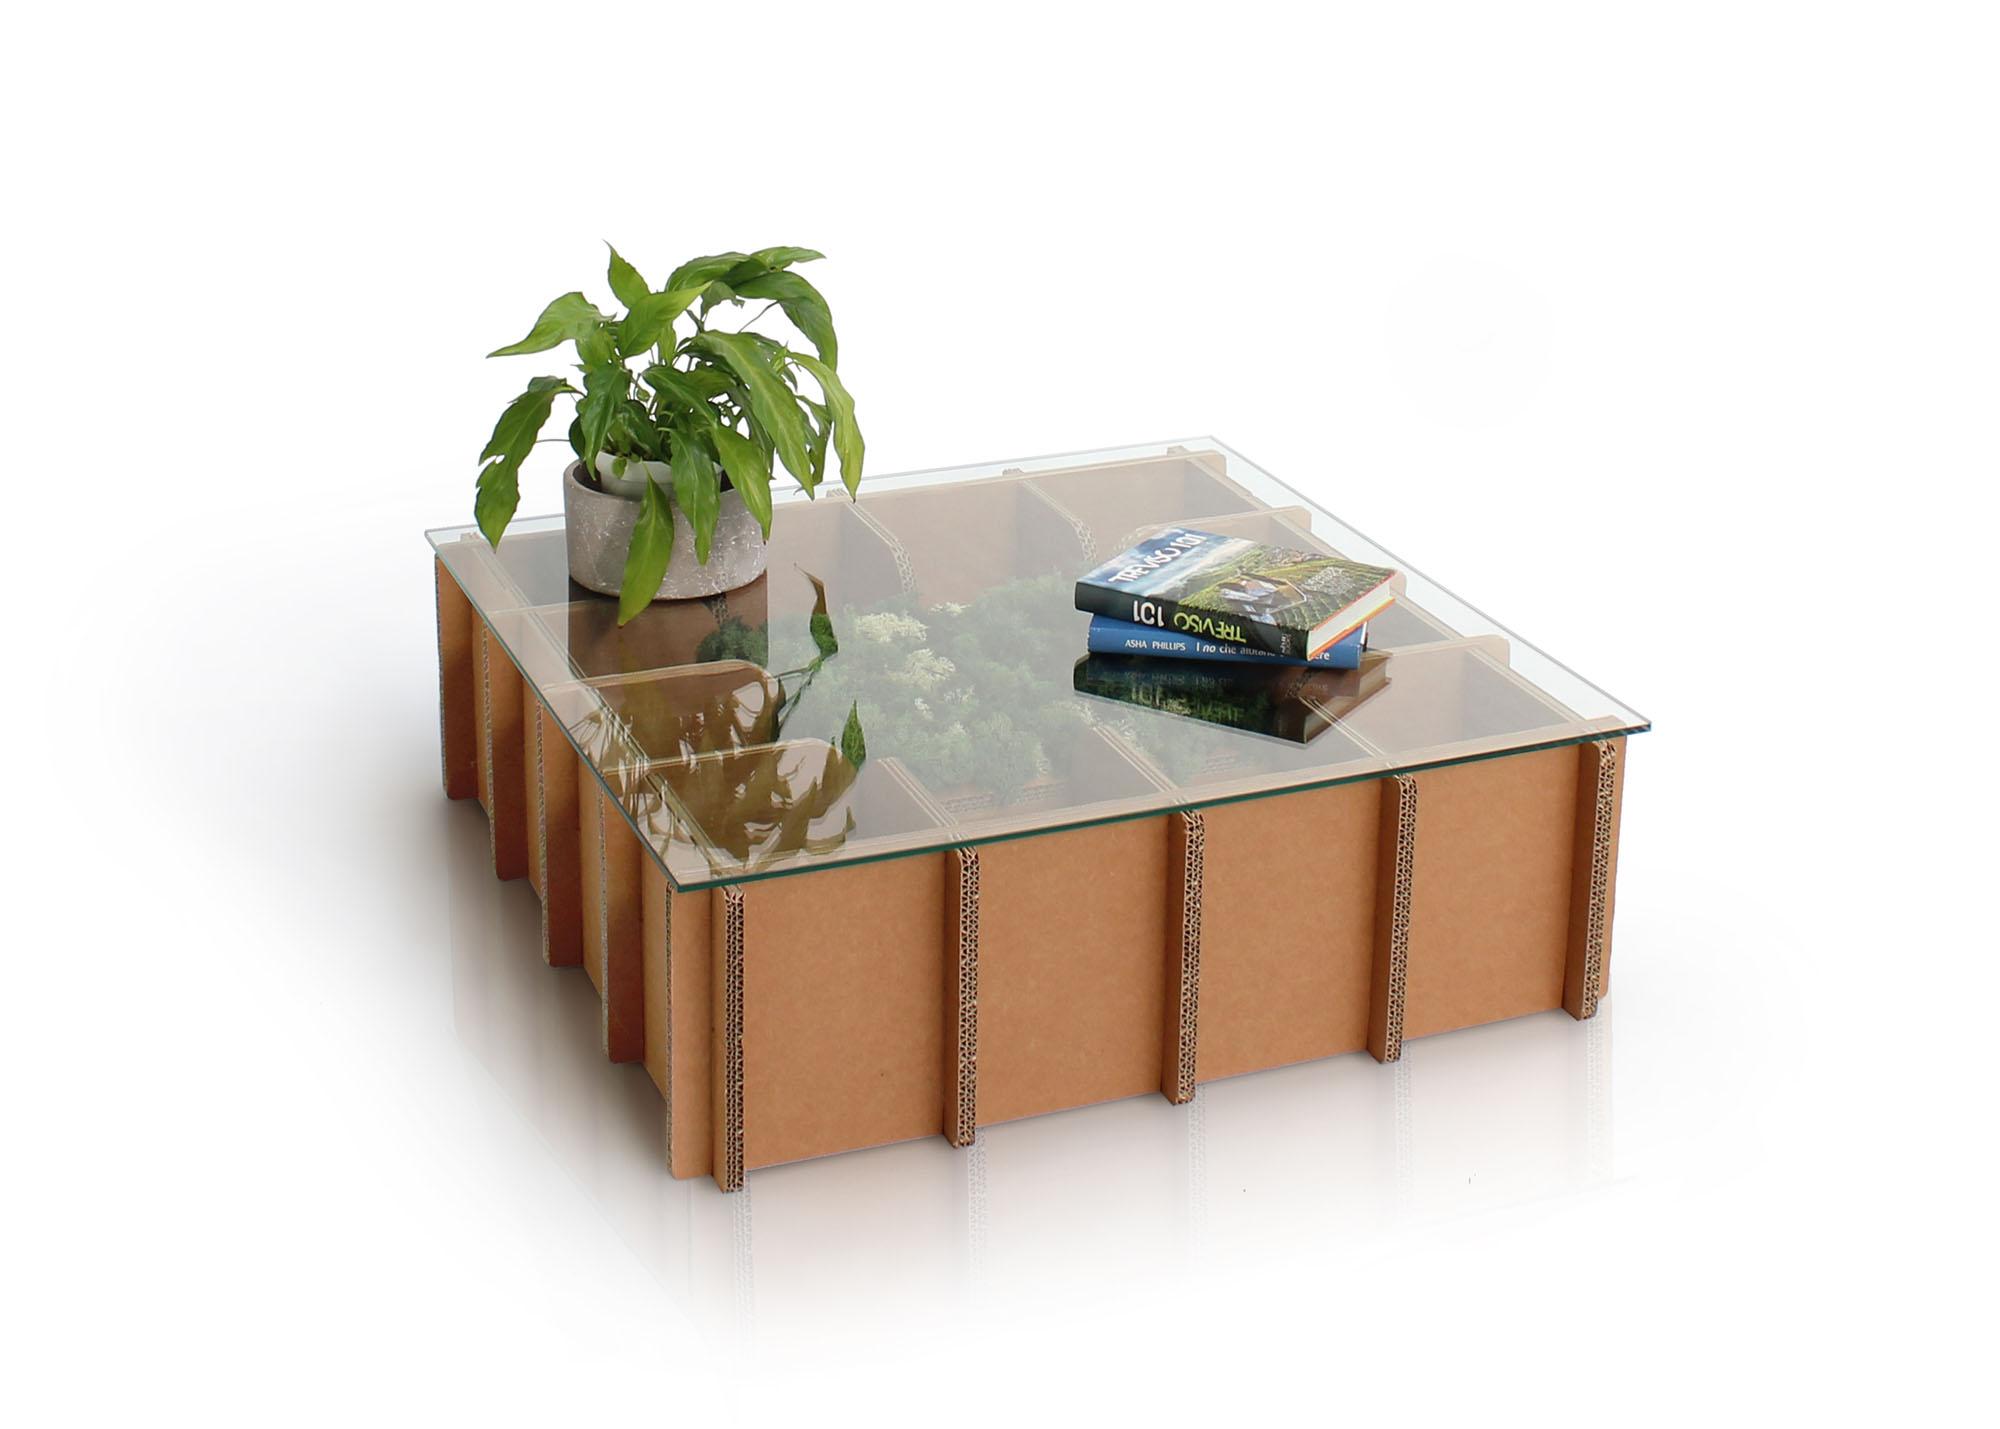 Tables Basses Carton Vente Montpellier34Nîmes30 En Mobilier WdrBeCxo